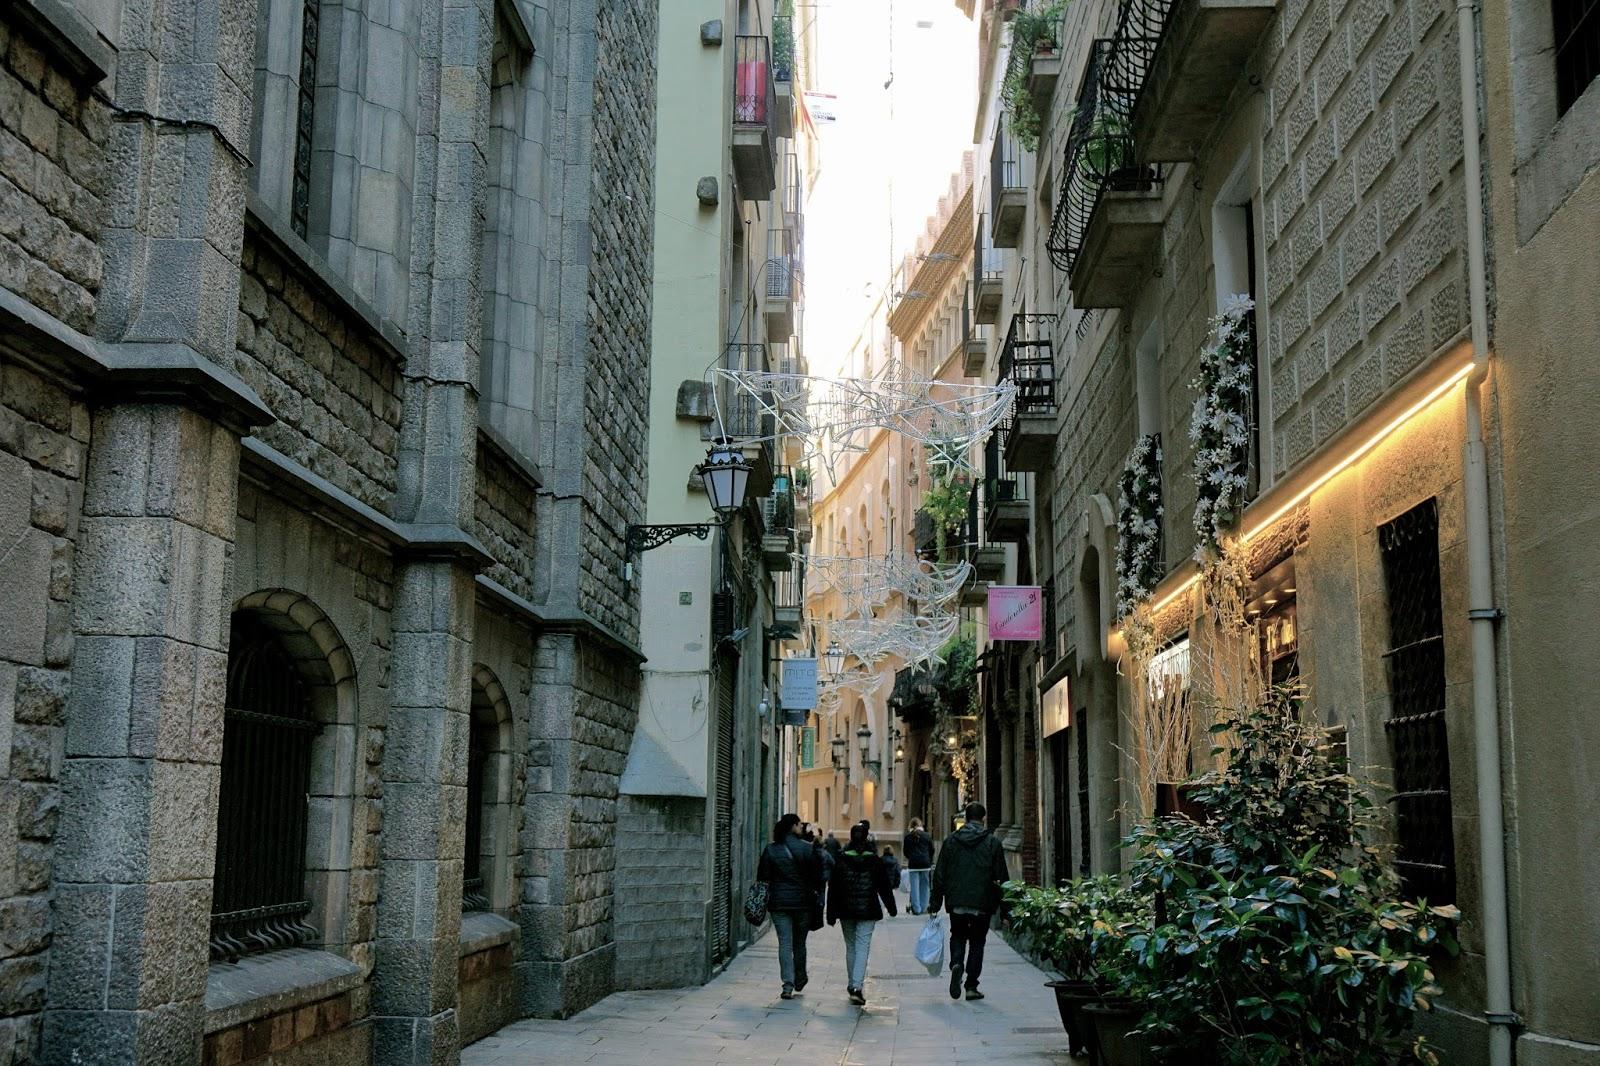 ムンツィオ通り(Carrer de Montsió)